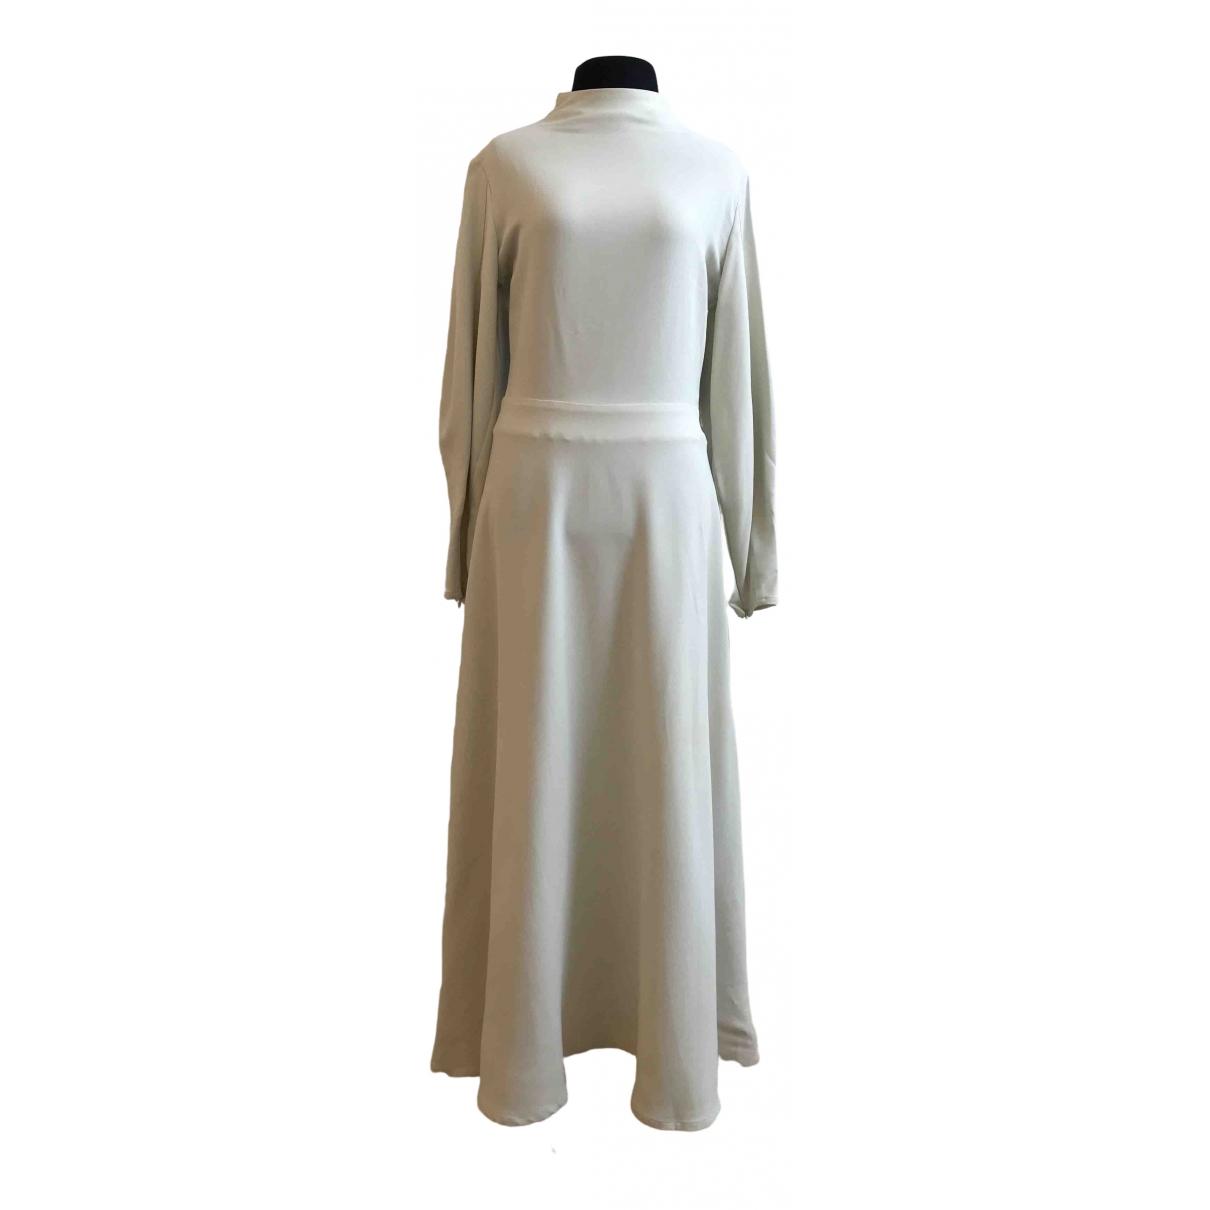 Beaufille \N Kleid in  Grau Synthetik